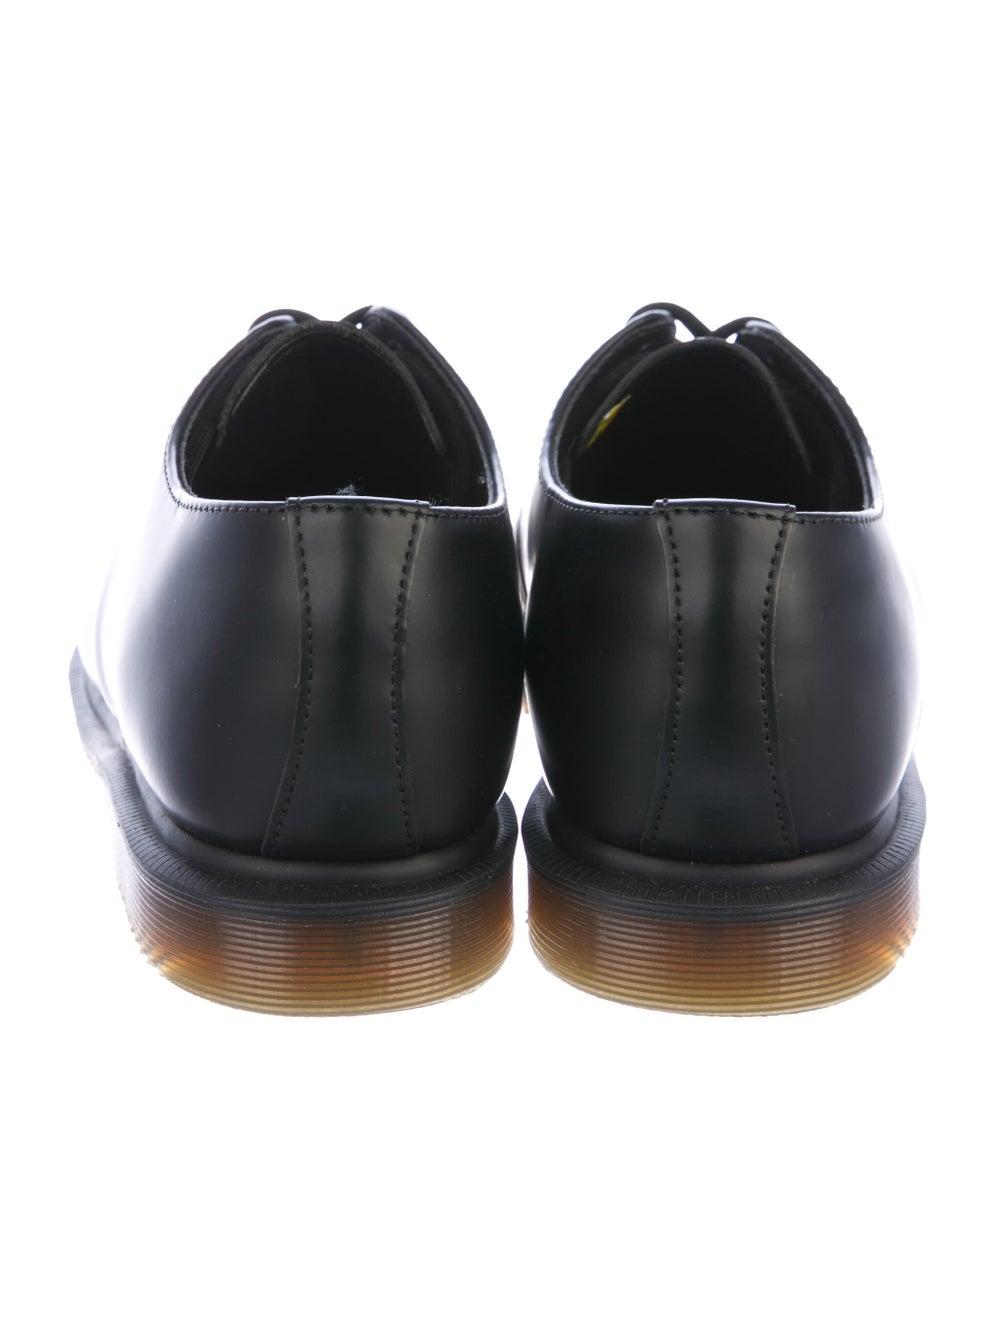 Dr. Martens Willis Derby Shoes black - image 4